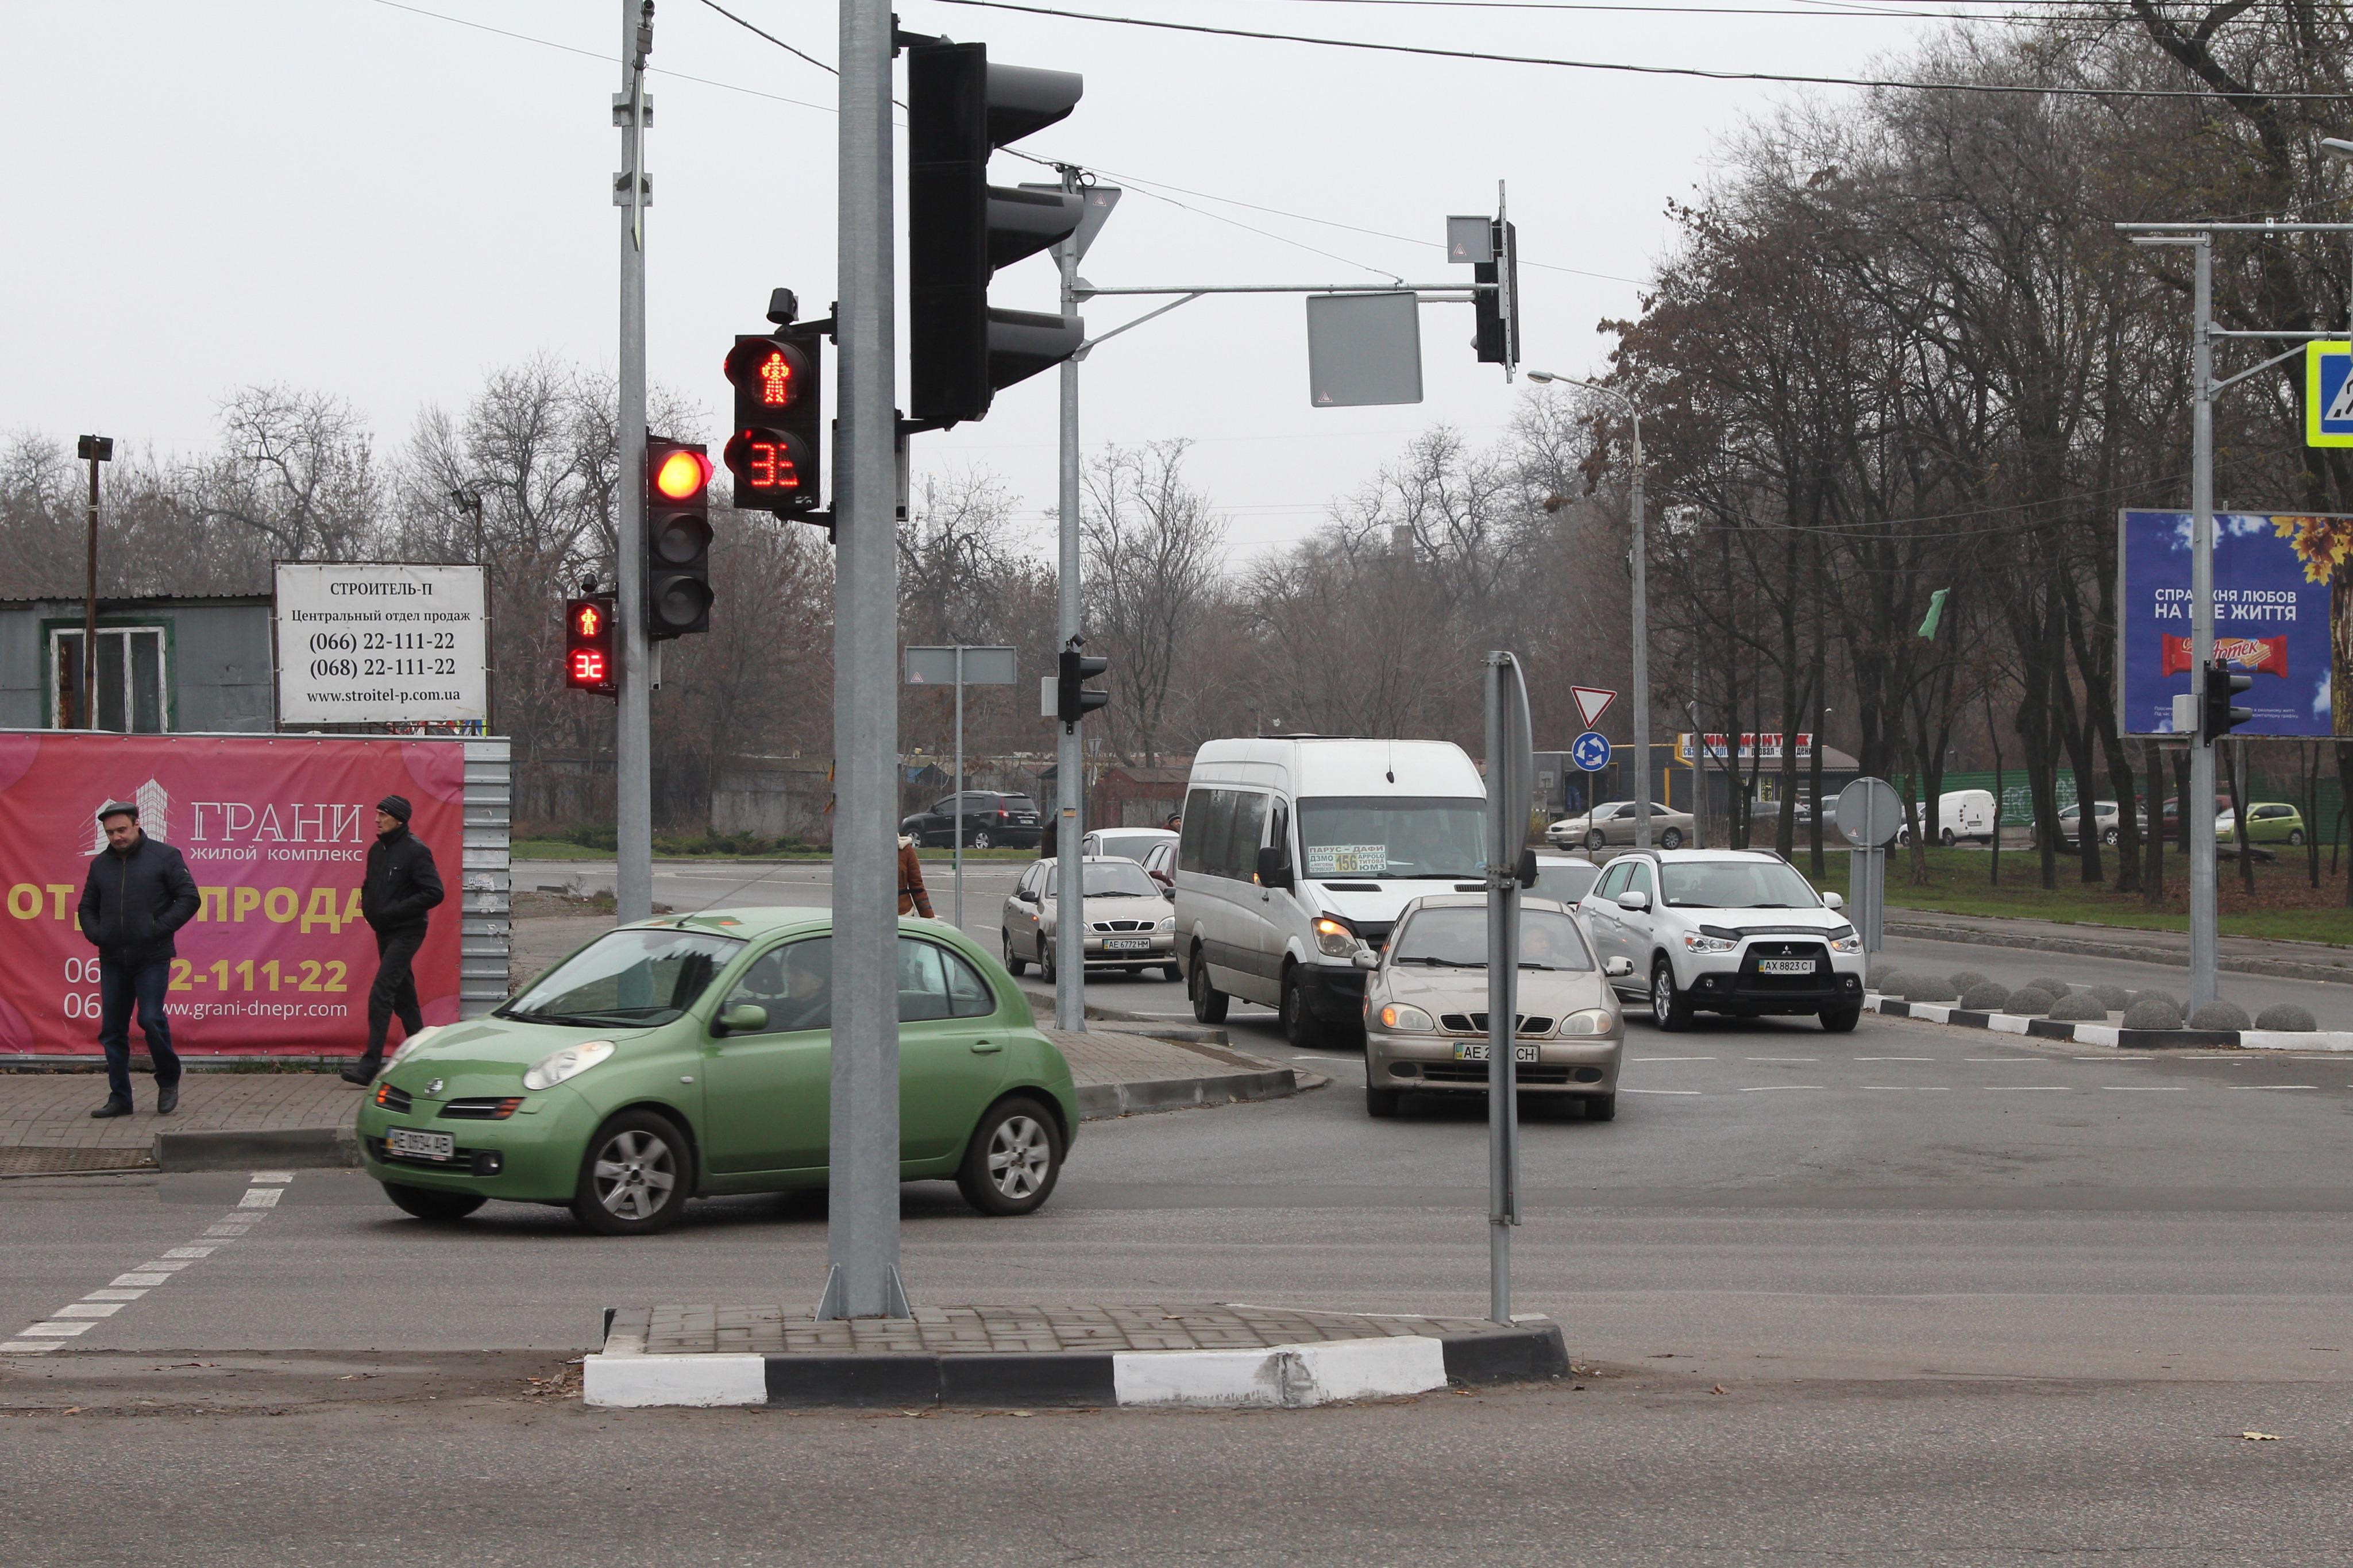 В Днепре провели капитальный ремонт светофоров. Новости Днепра